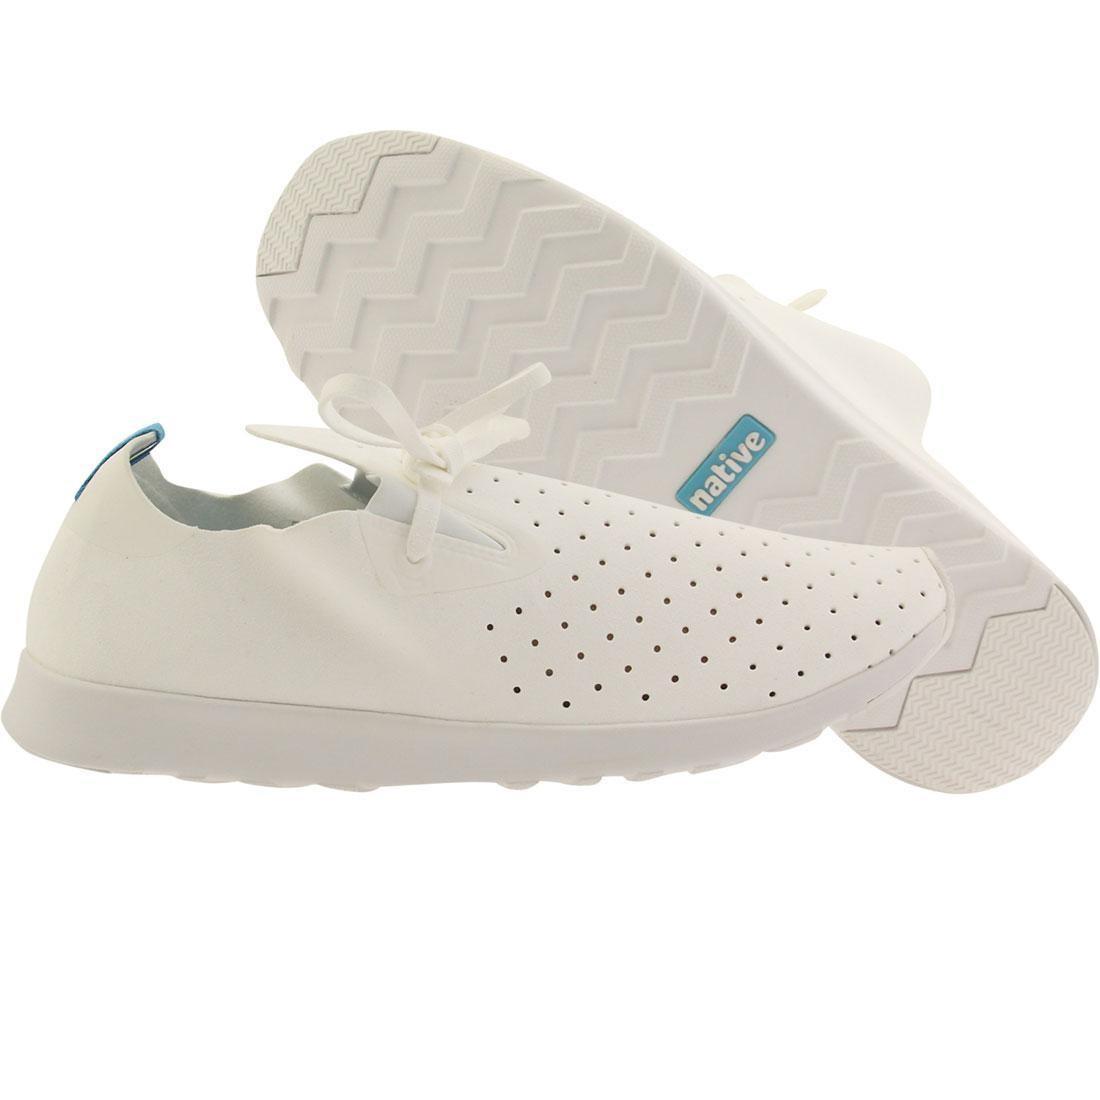 【海外限定】ネイティブ モカシン シェル スニーカー 靴 【 SHELL NATIVE MEN APOLLO MOC MOCCASIN WHITE 】